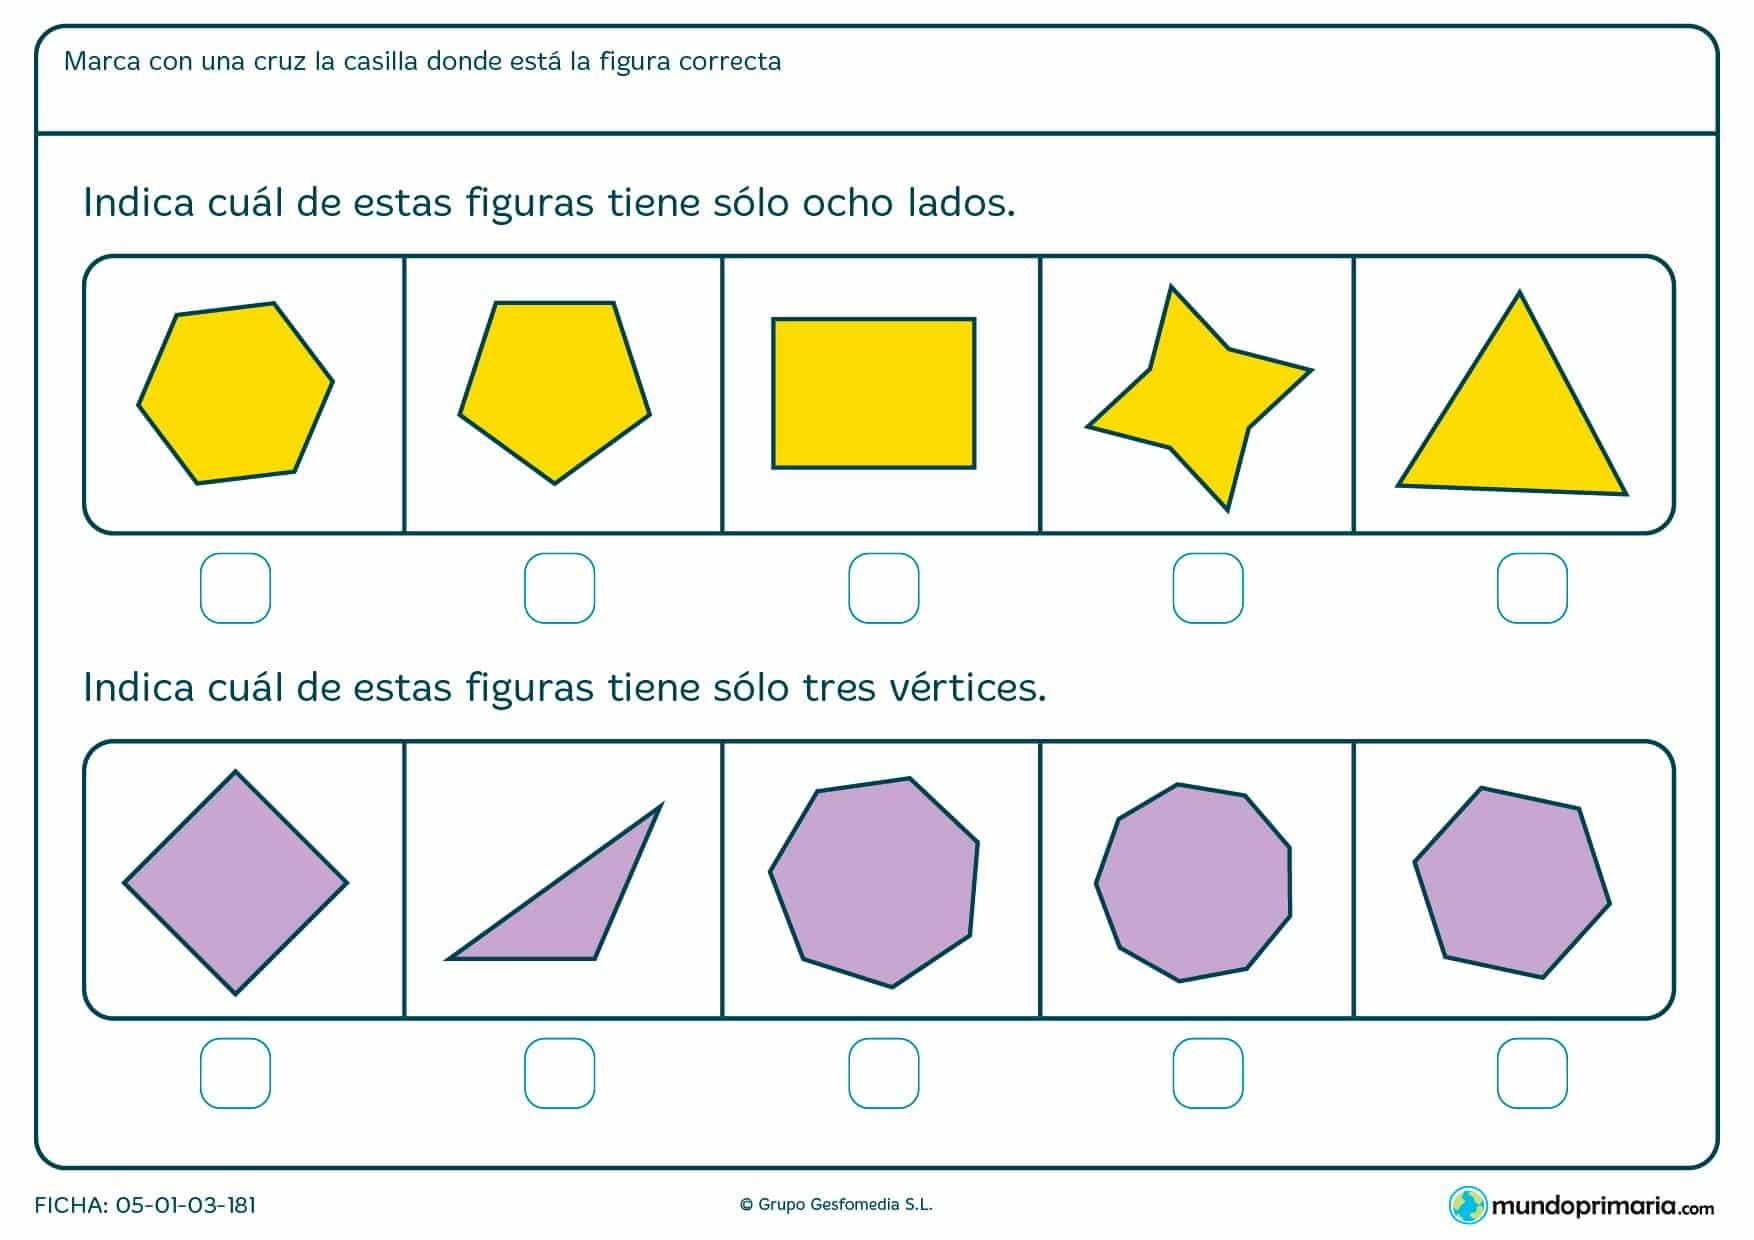 Ficha de lados y vértices geométricos. Cuéntalos y señala la figura que correponde como respuestra a la pregunta.